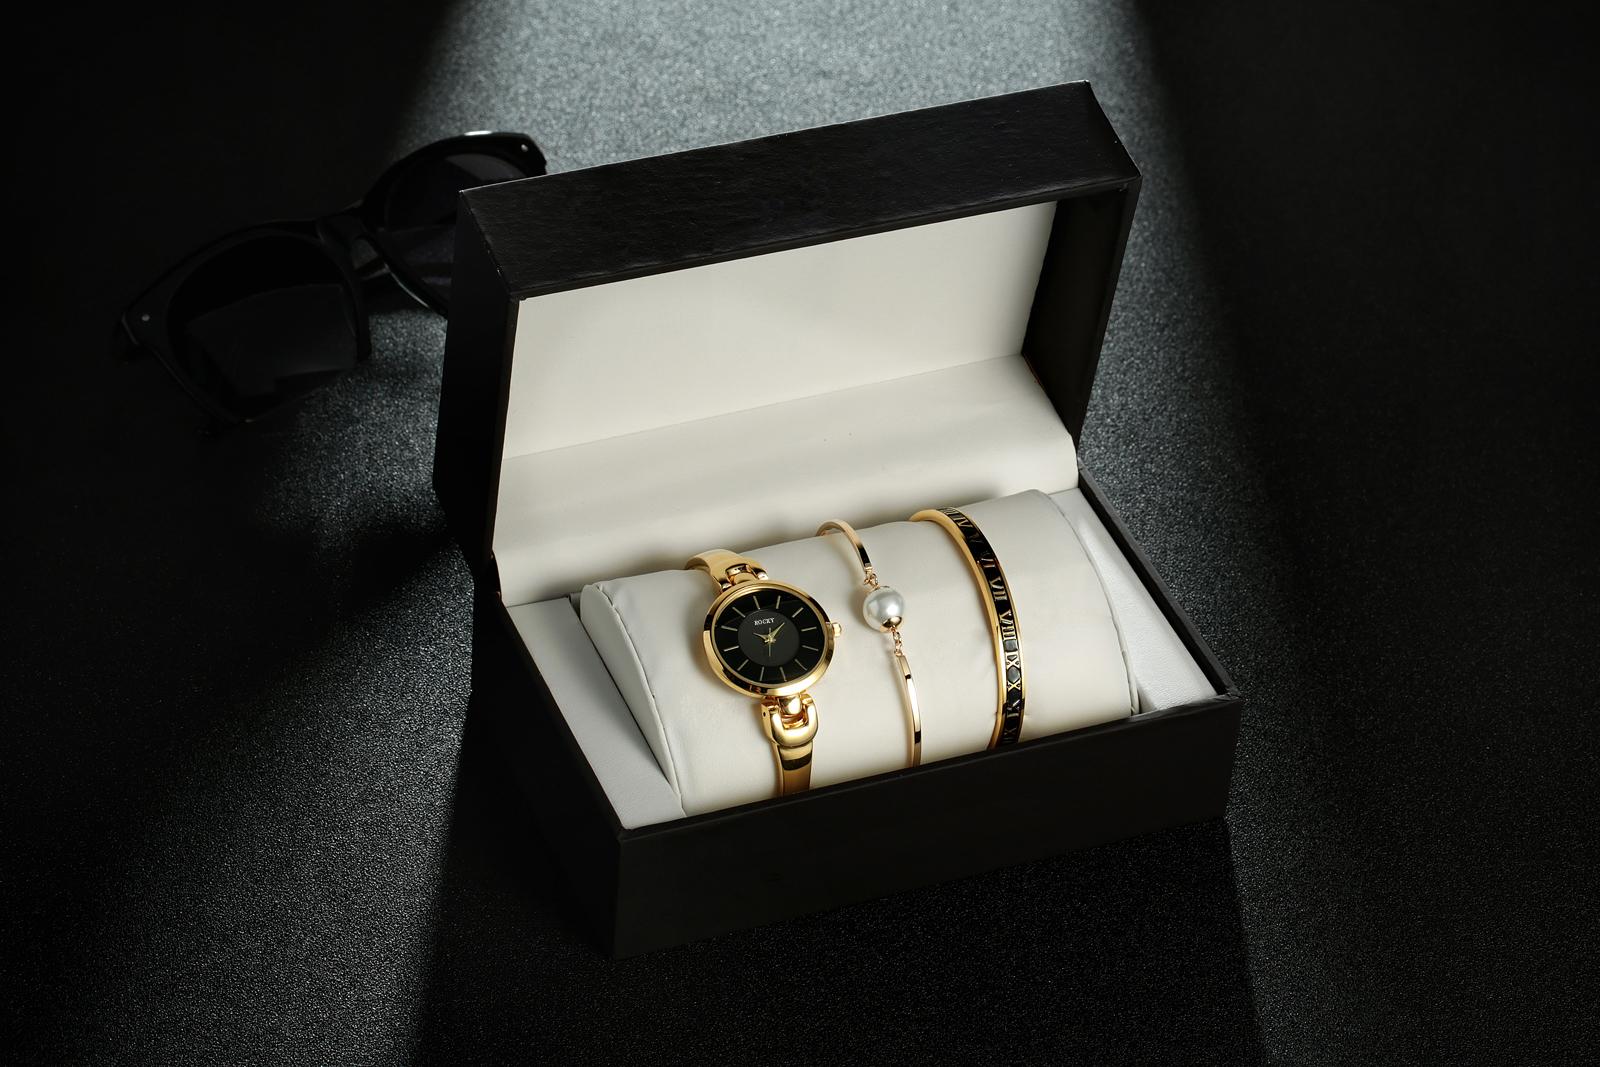 韩版简约手表女学生时尚潮流防水石英表休闲时装表钢带手镯手链表